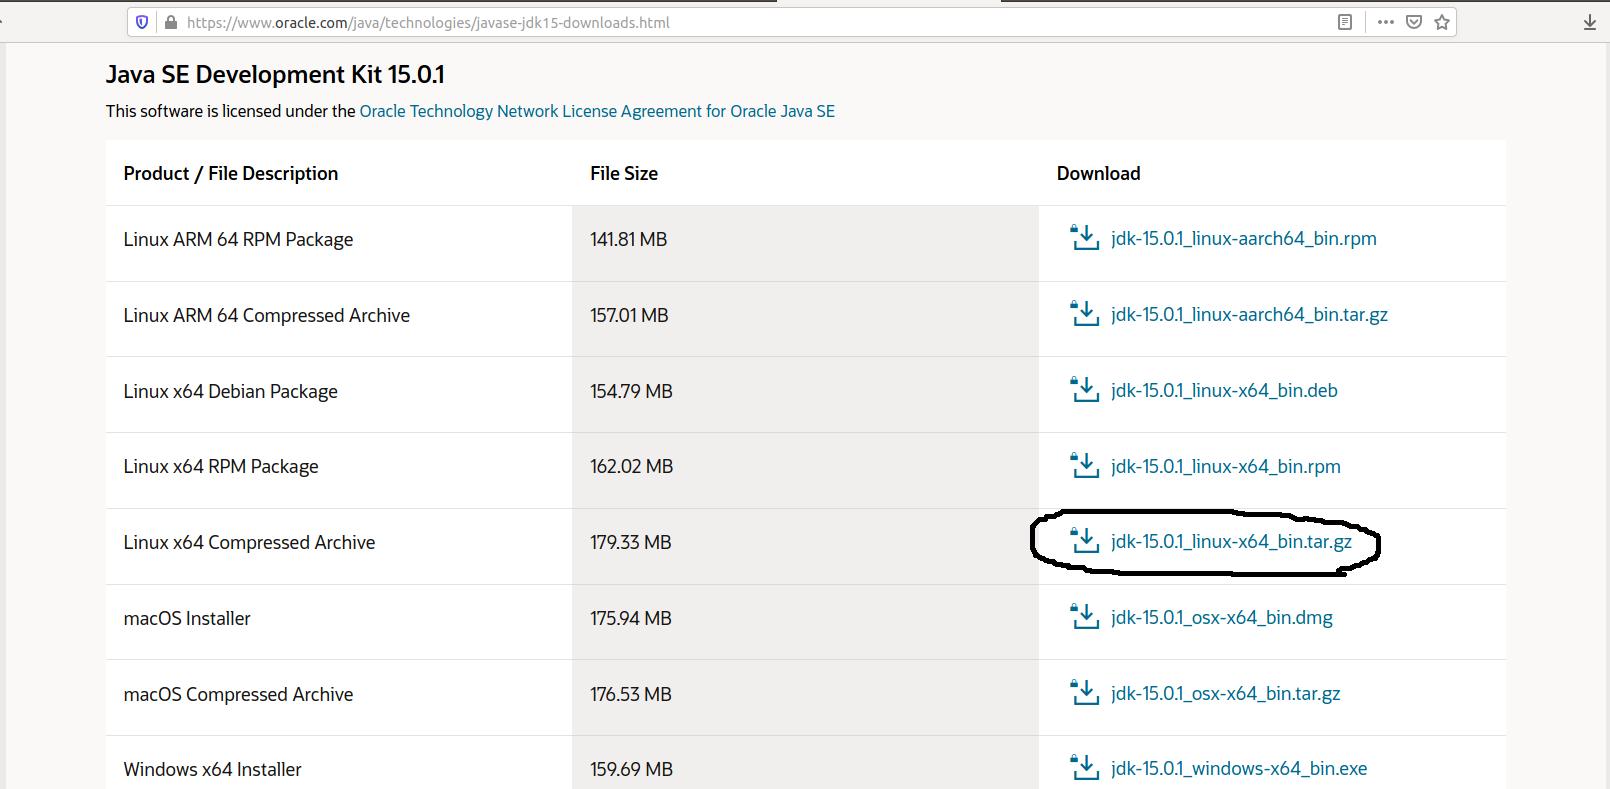 Install Java 15 On Ubuntu 20.04 LTS - Downloads